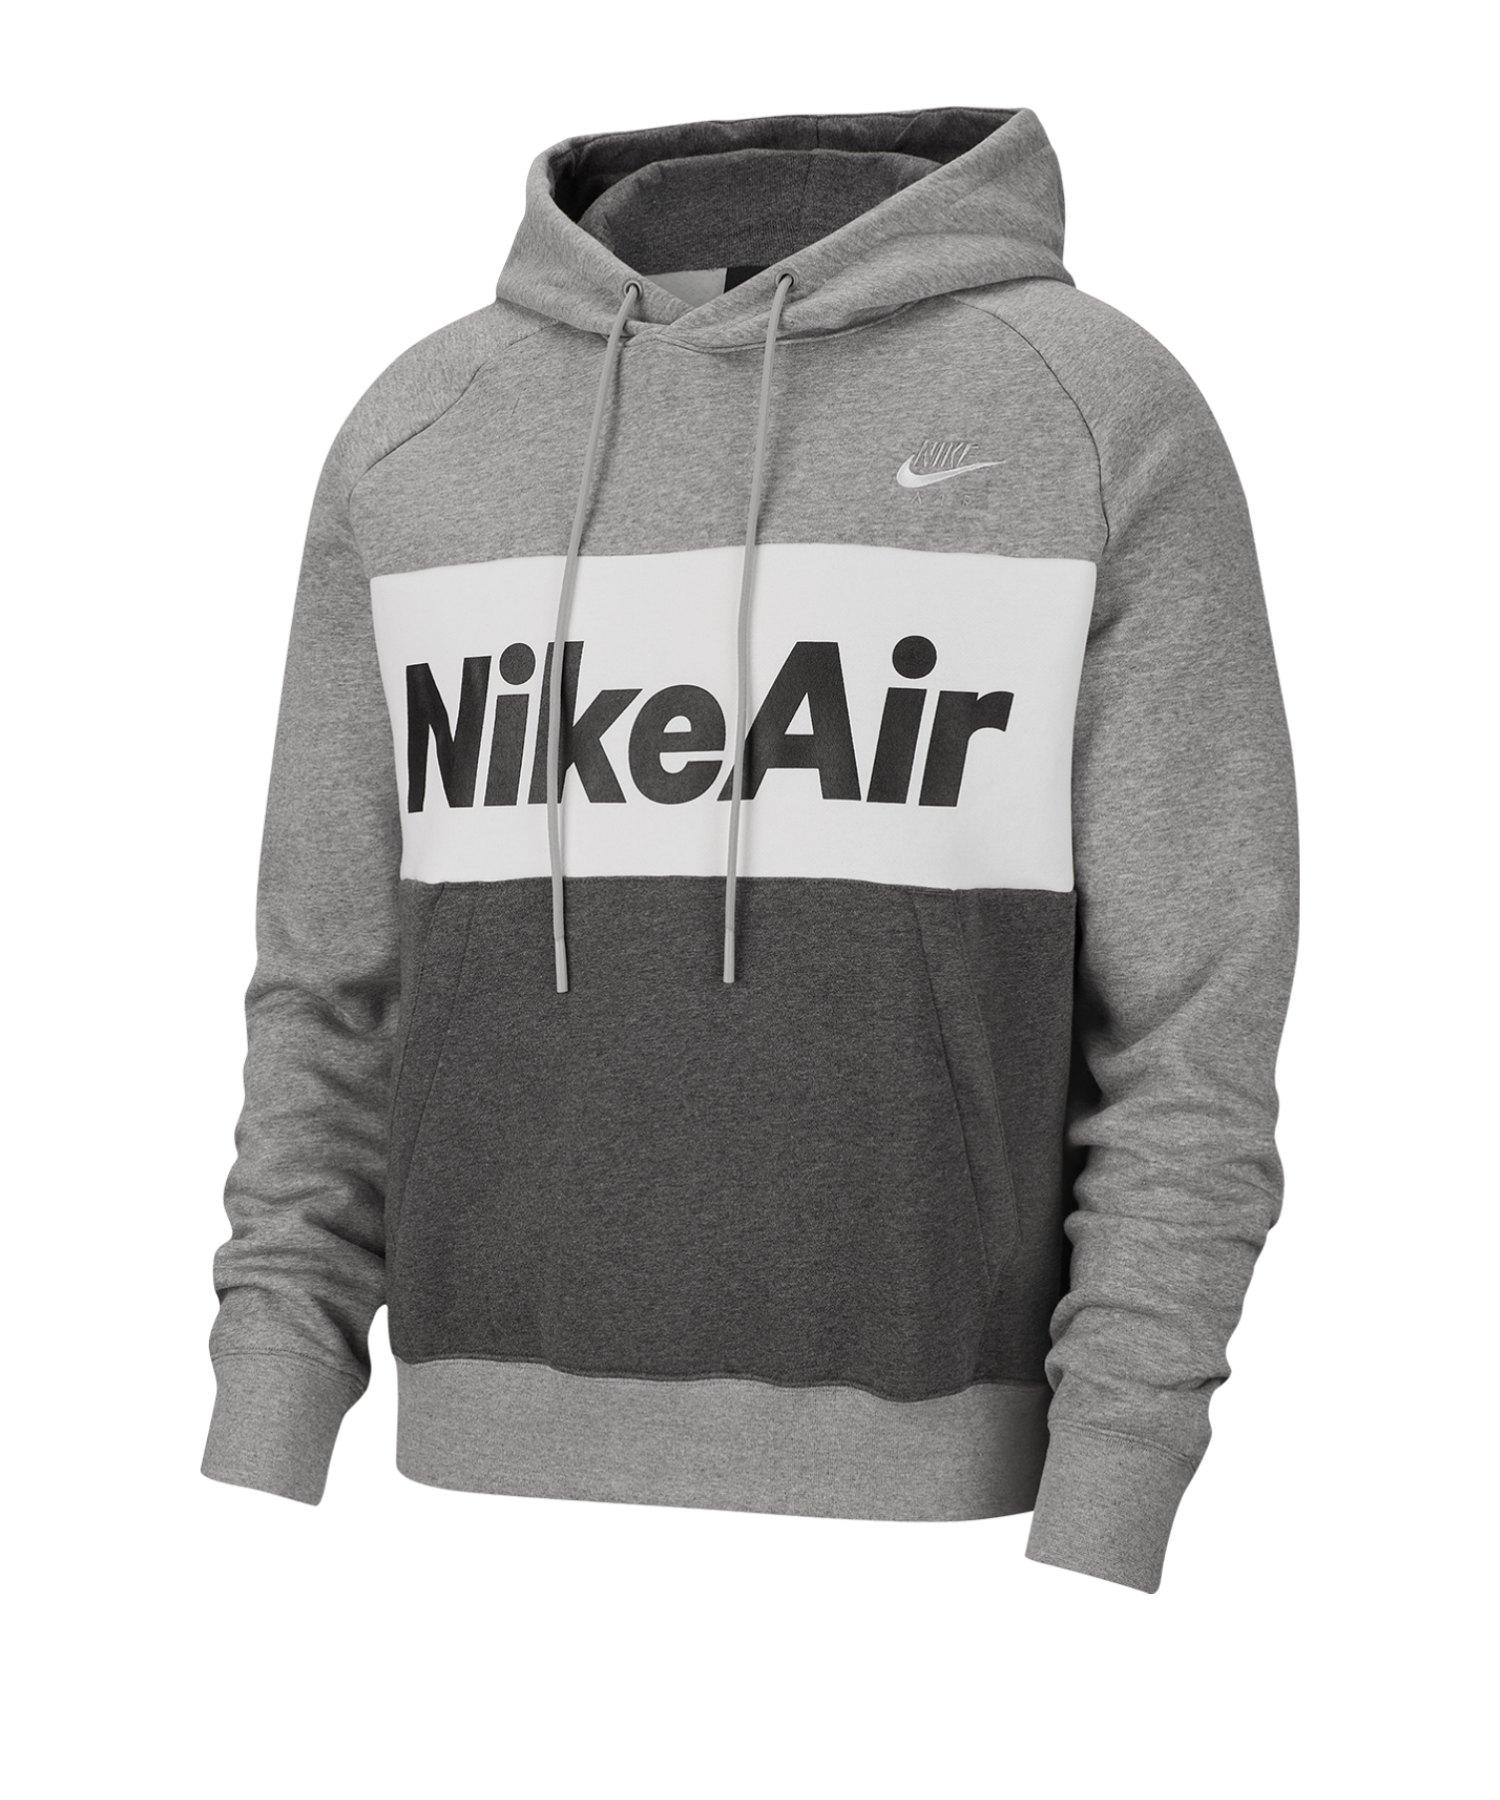 Nike Air Fleece Kapuzensweatshirt Grau F063 - grau